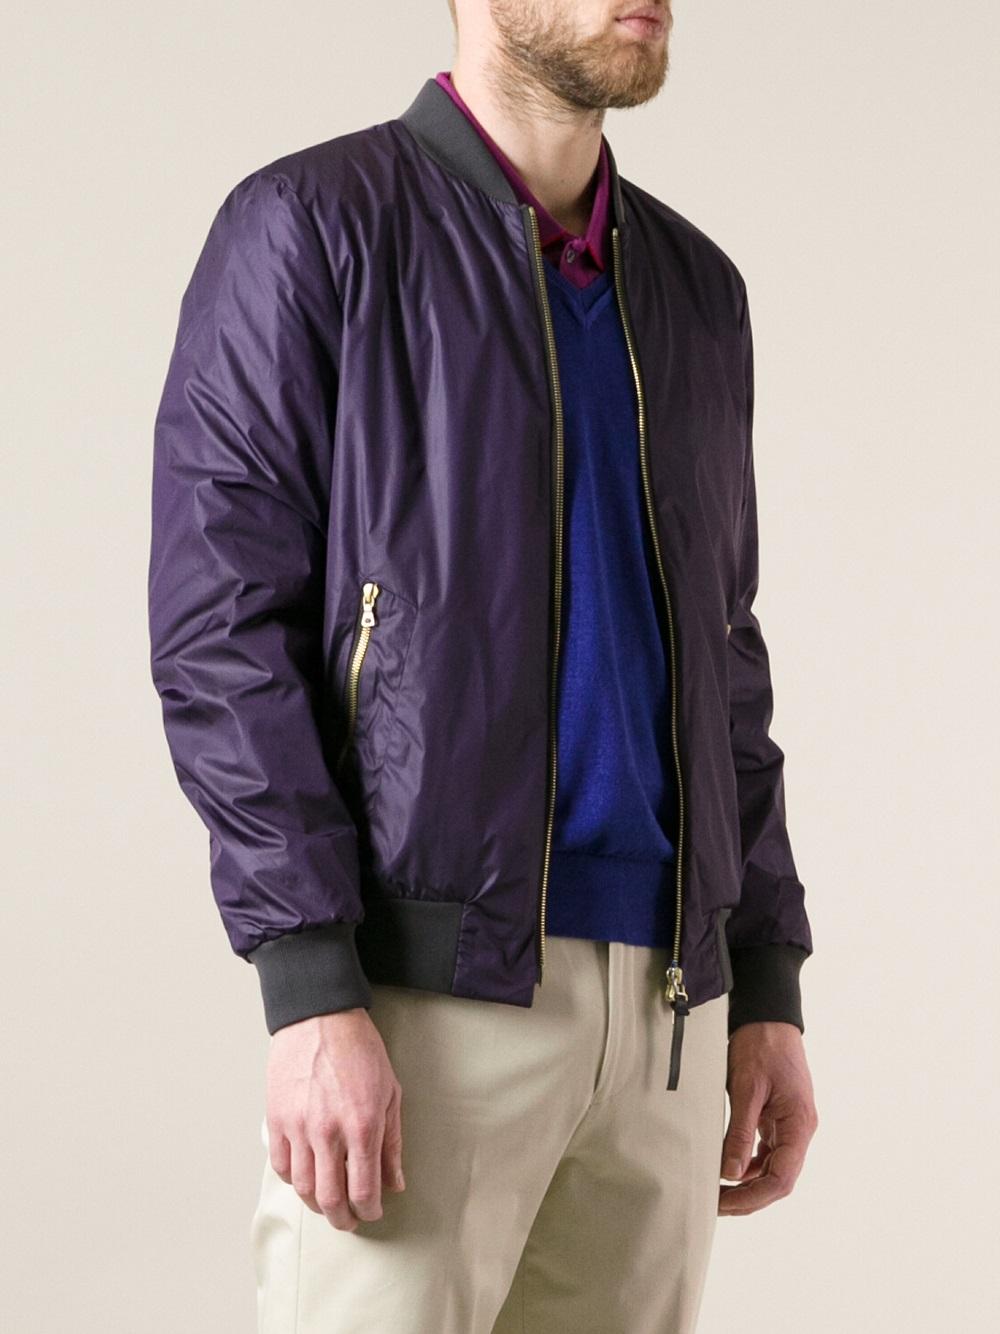 Purple bomber jacket mens – Modern fashion jacket photo blog